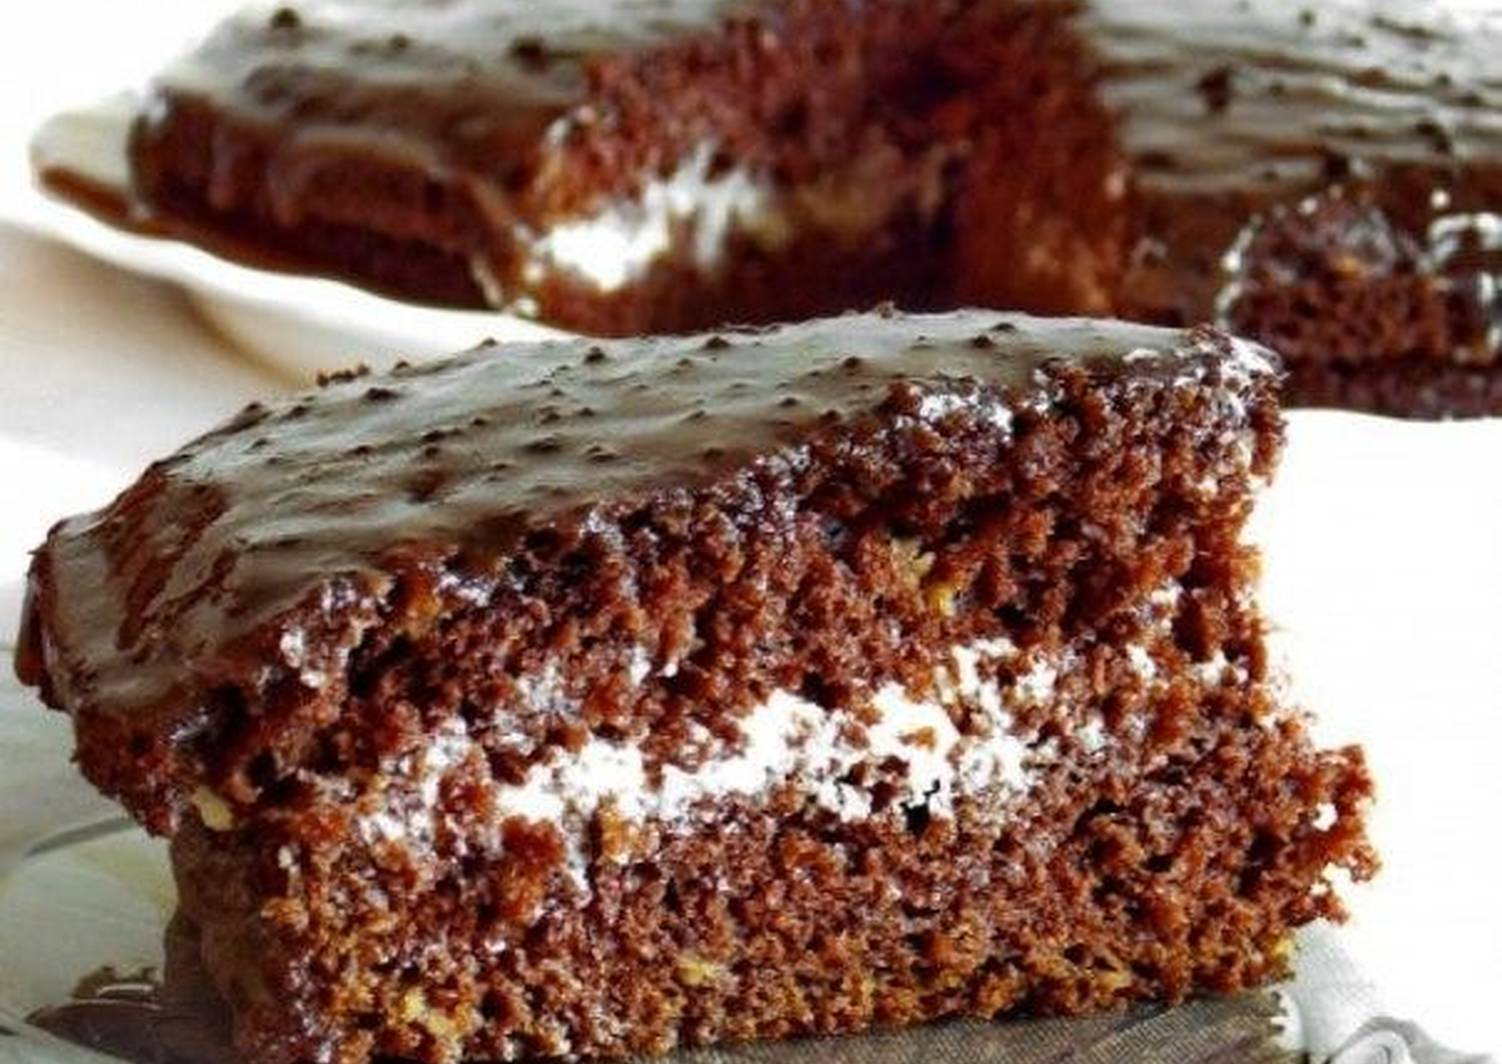 Торт на кефире — 10 рецептов как вкусно и быстро приготовить | торты и пироги - популярные рецепты приготовления